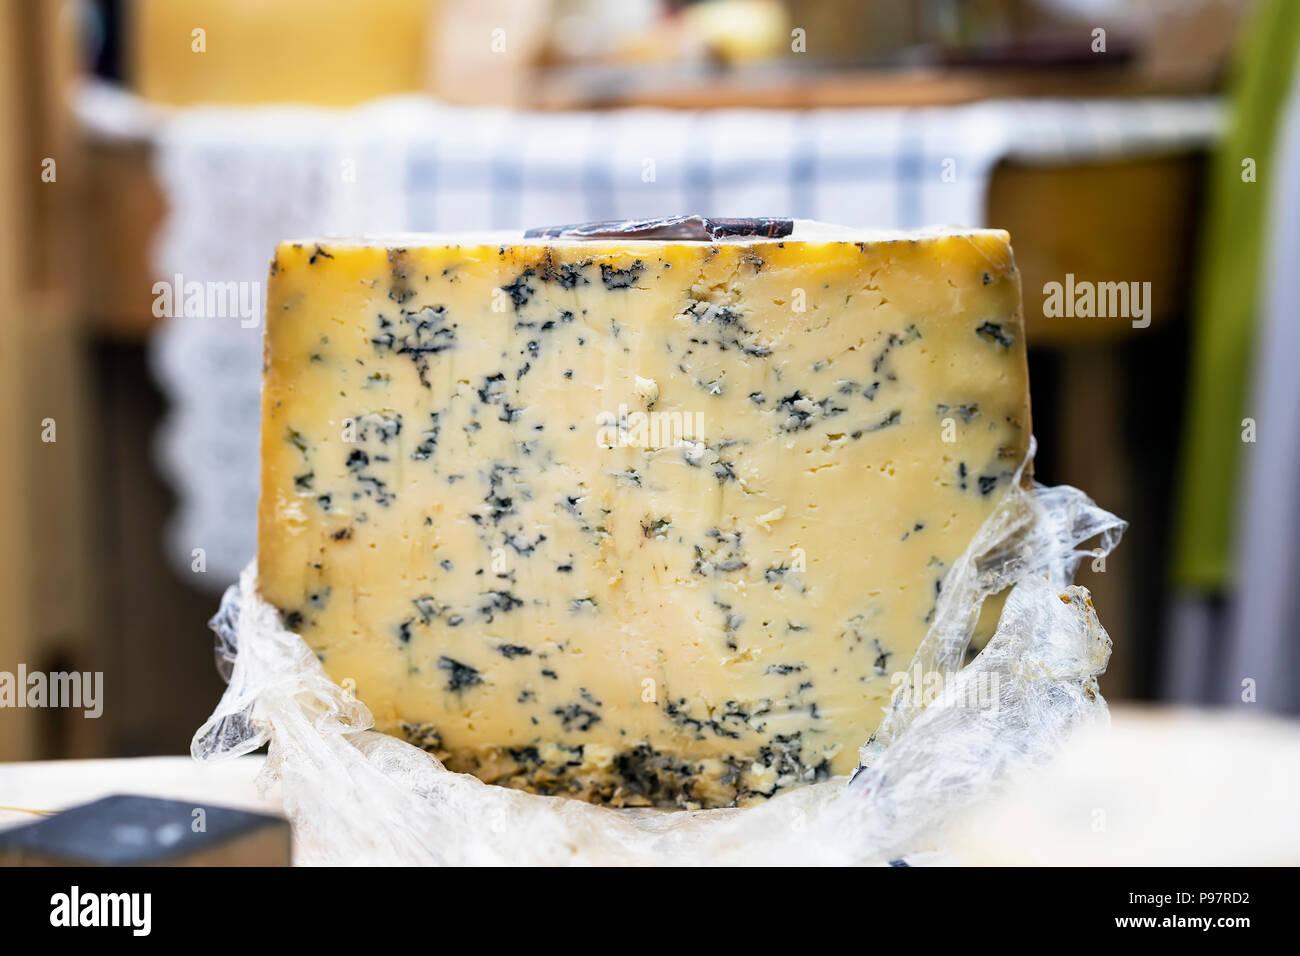 Große Käse Rad mit blauen Schimmel an der Theke, bunte Farben. Gastronomische Leckerbissen Produkte auf dem Markt begegnen, realen Szene in Lebensmittelmarkt Stockbild